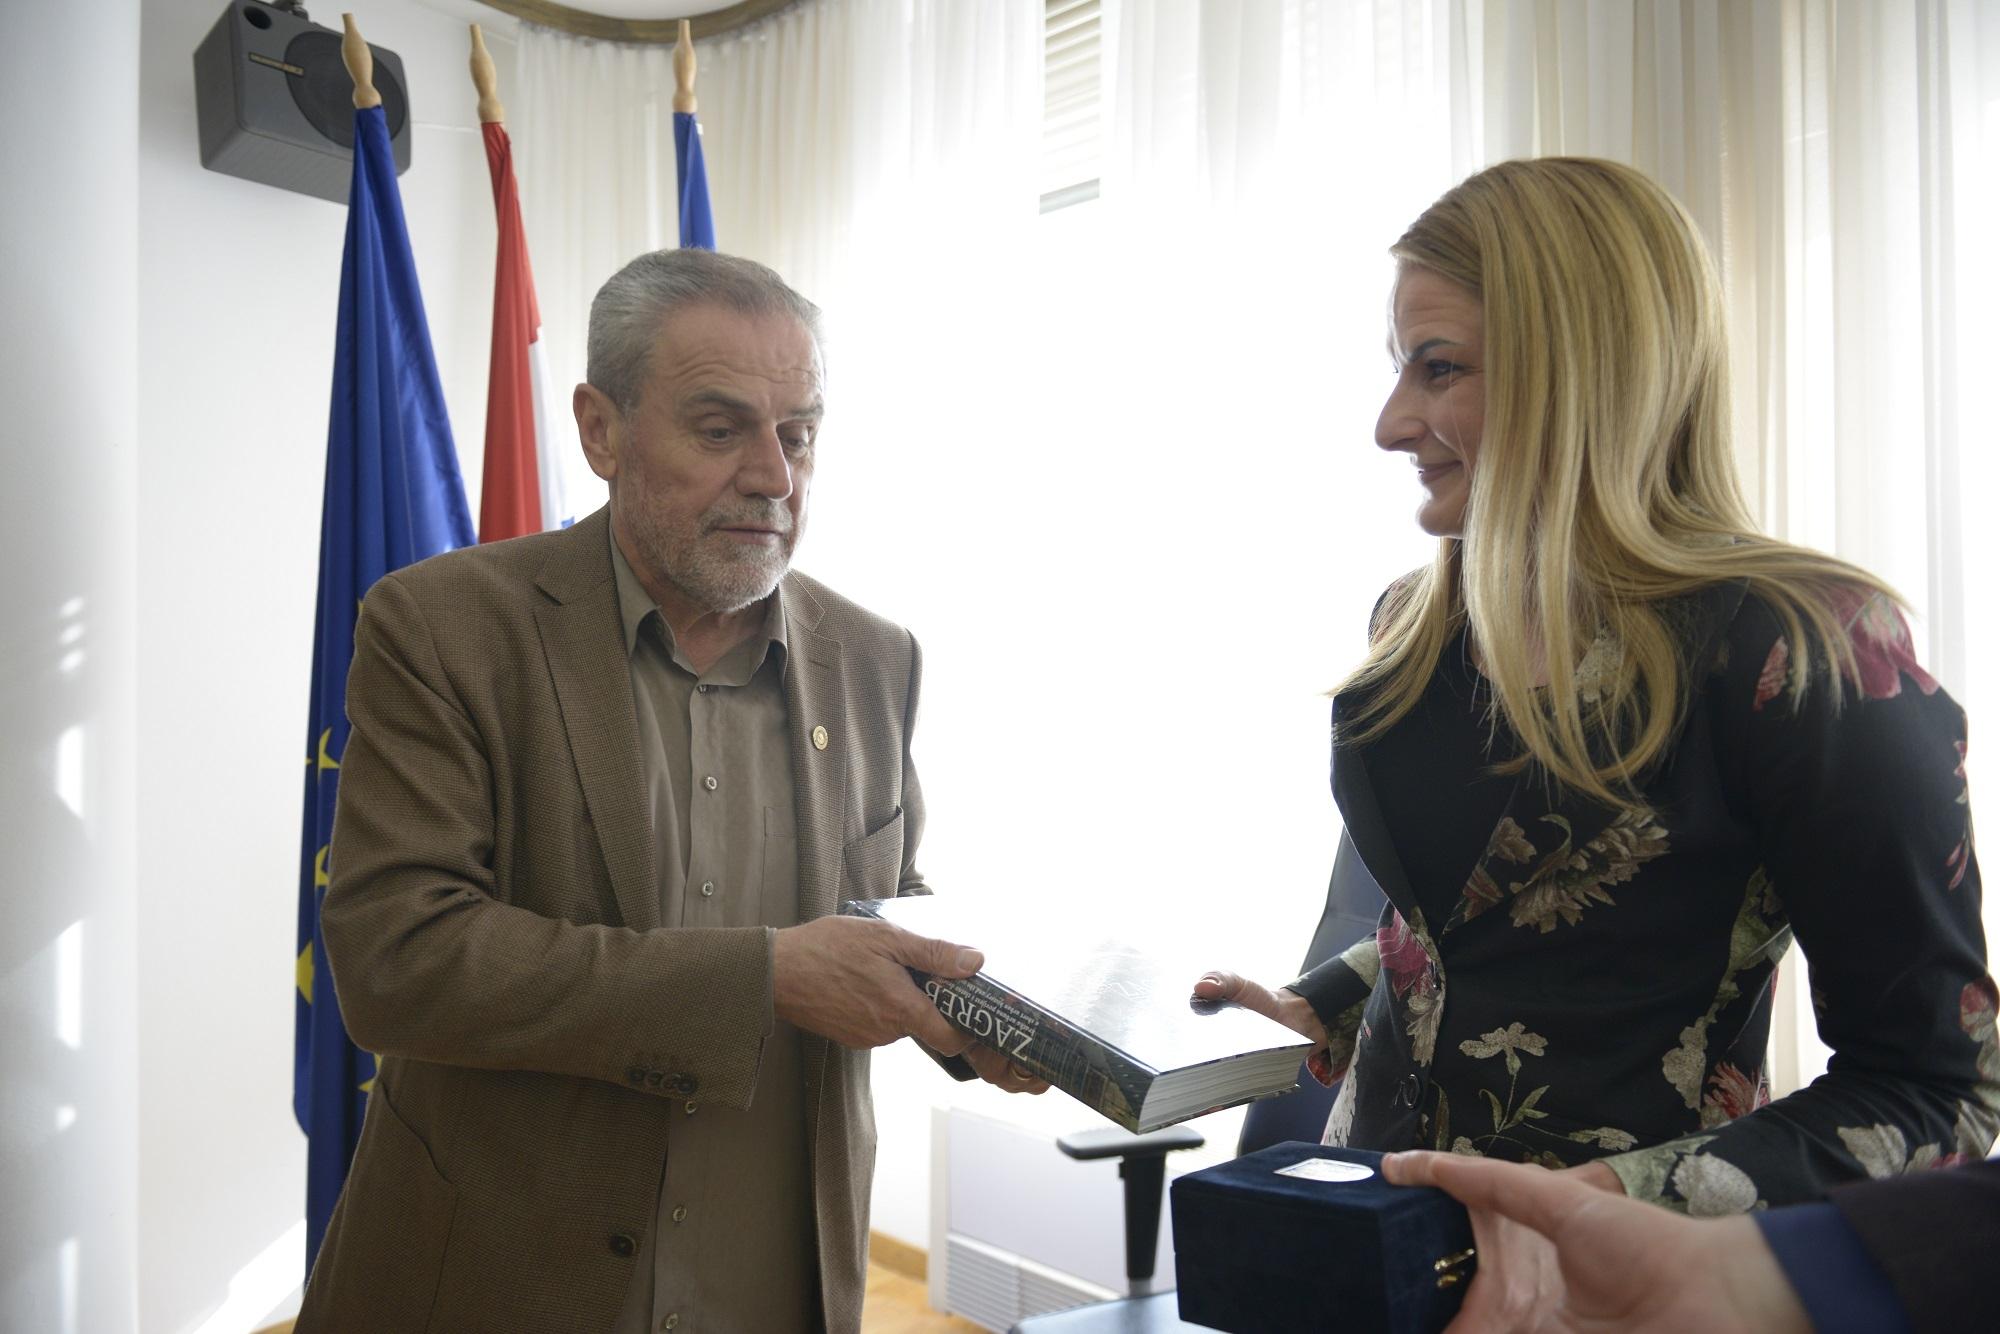 Размена  протоколарних поклона два градоначелника